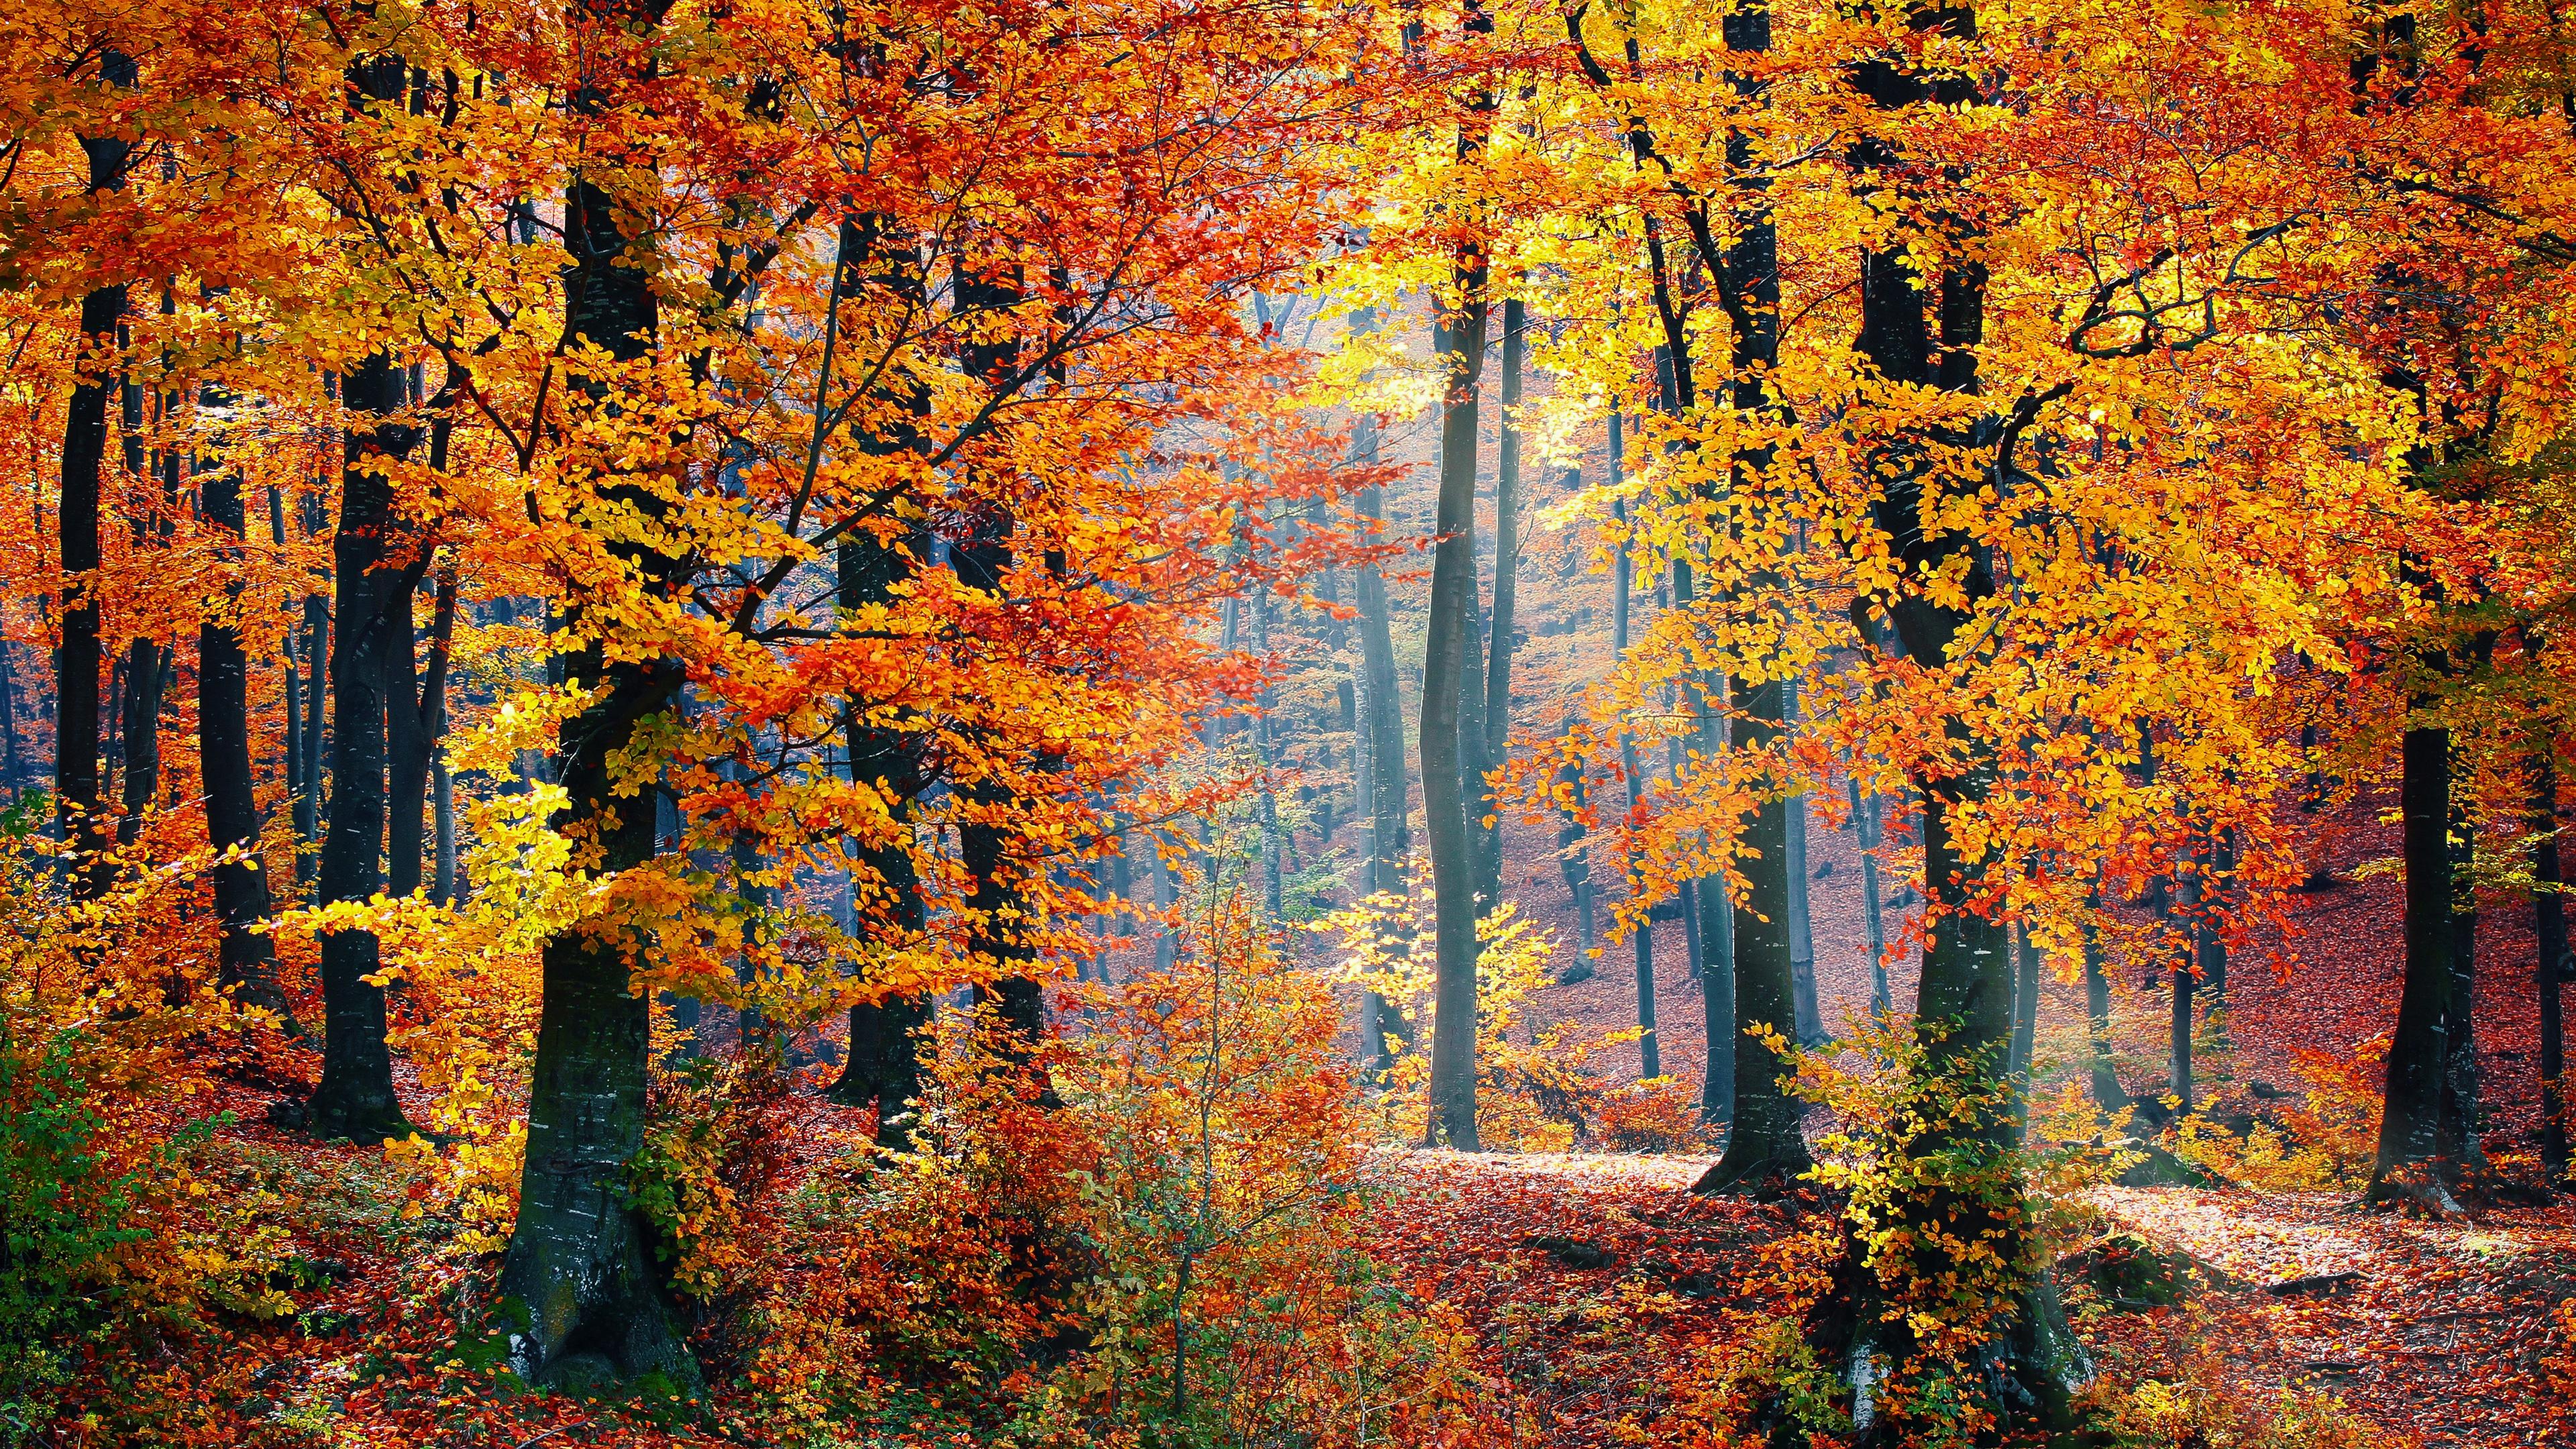 4k Autumn Woods Wallpaper Hd